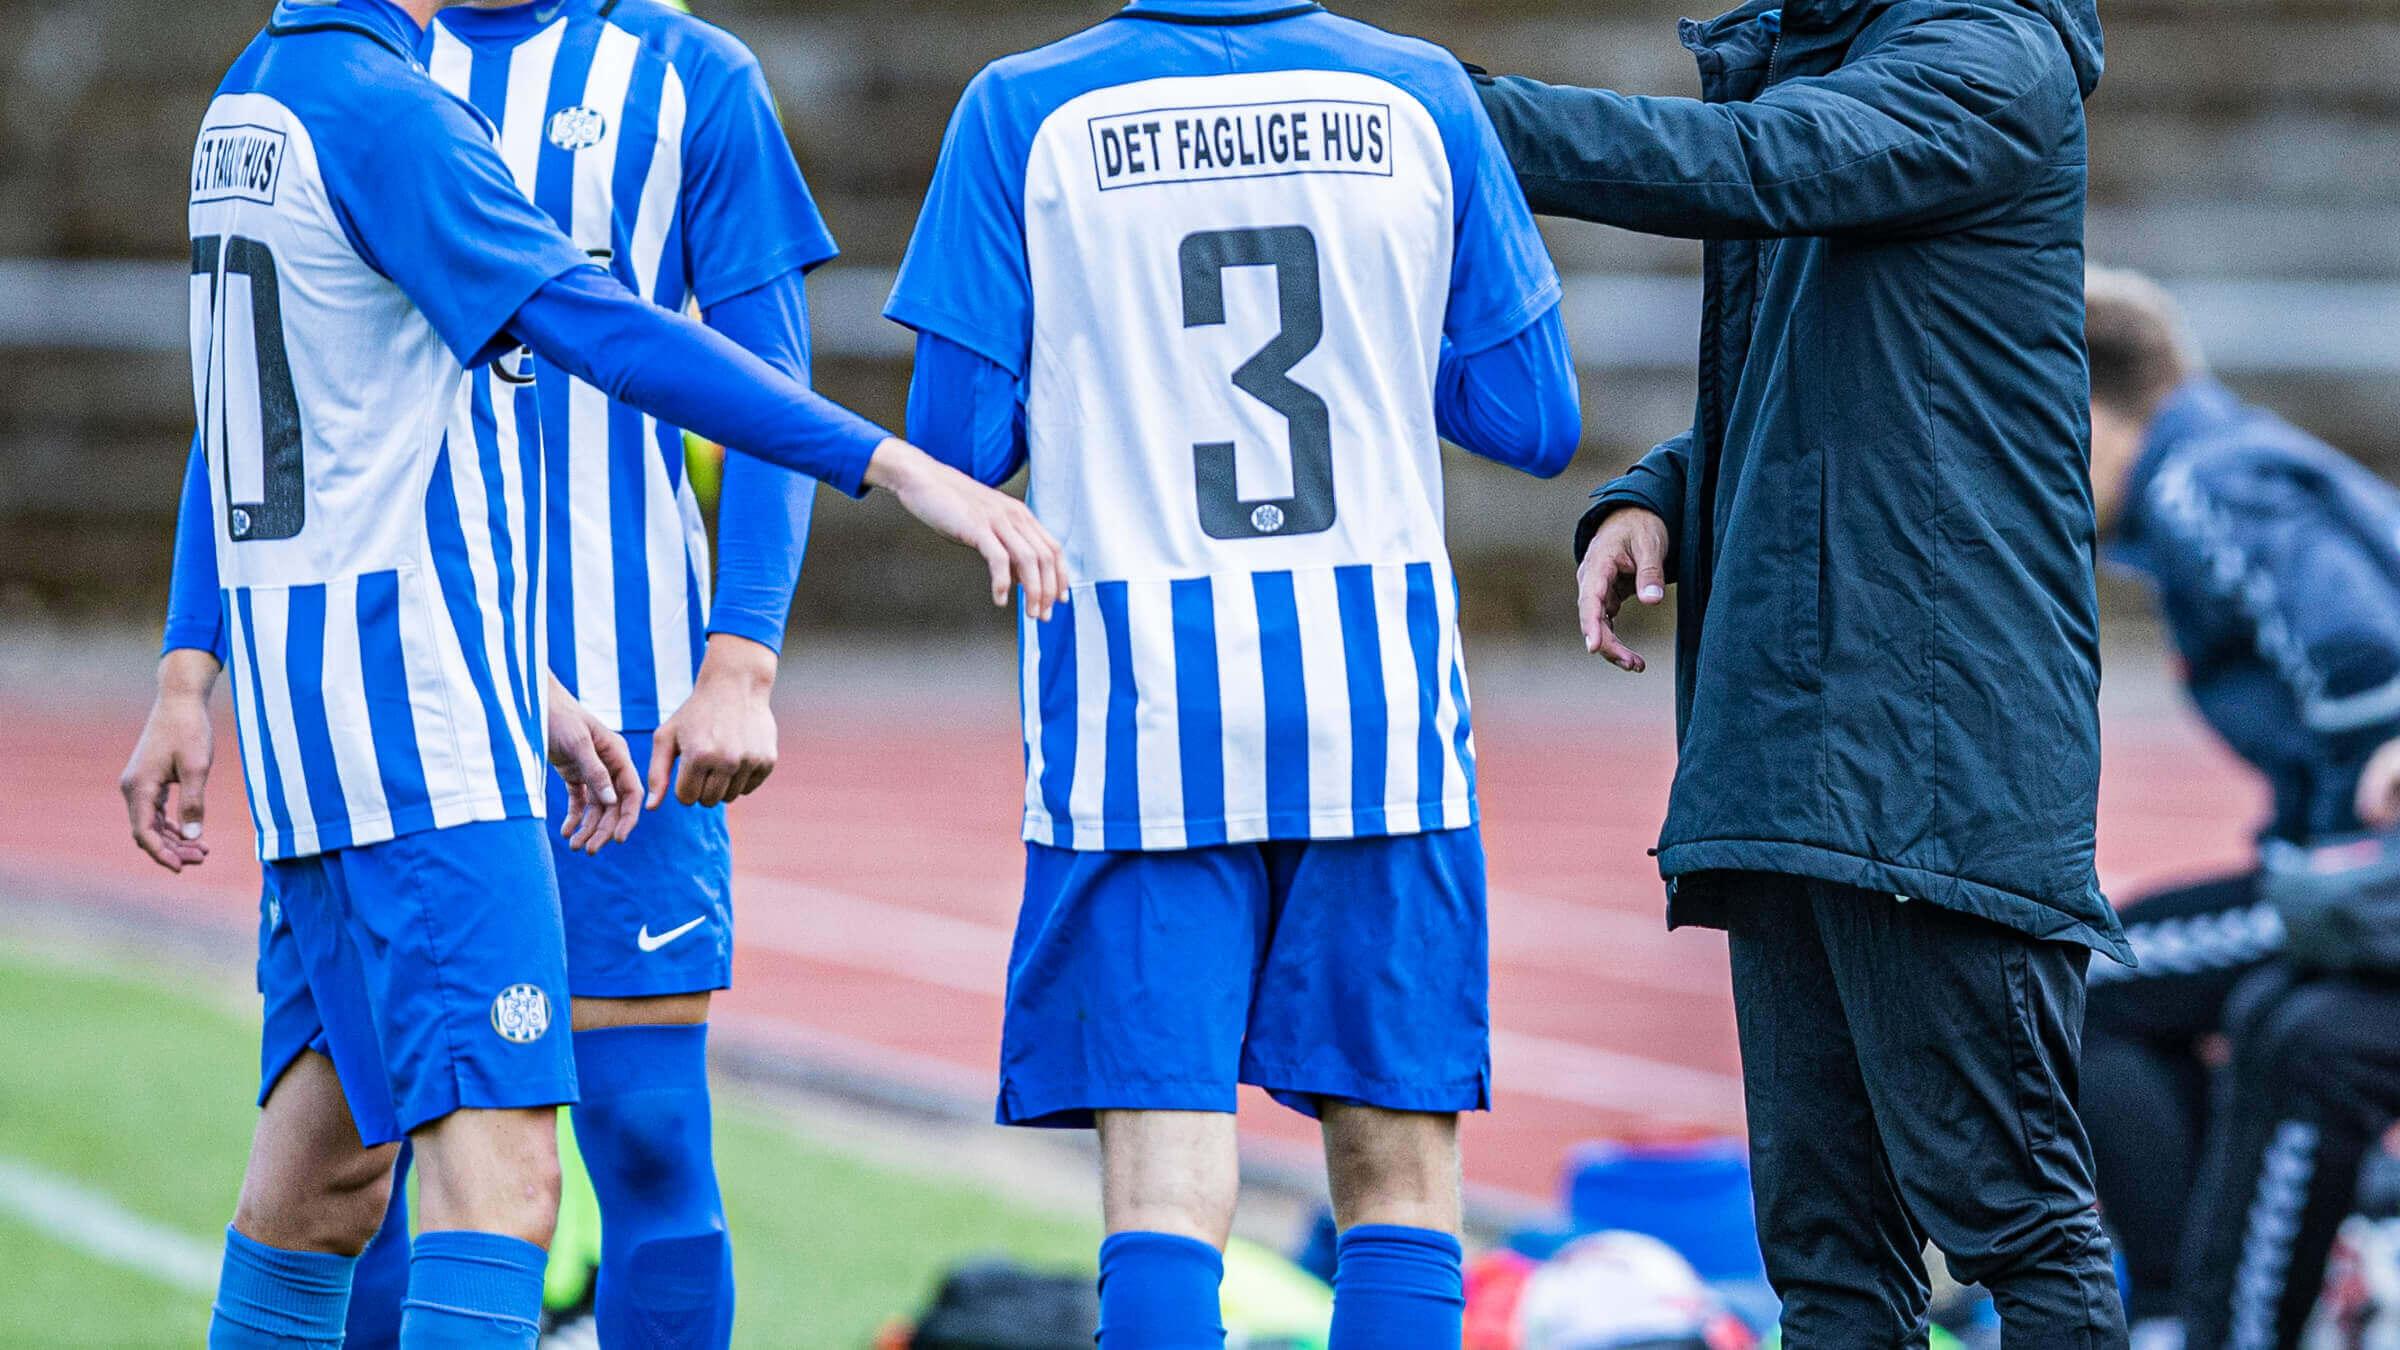 Vejle tager imod i U19 Ligaen